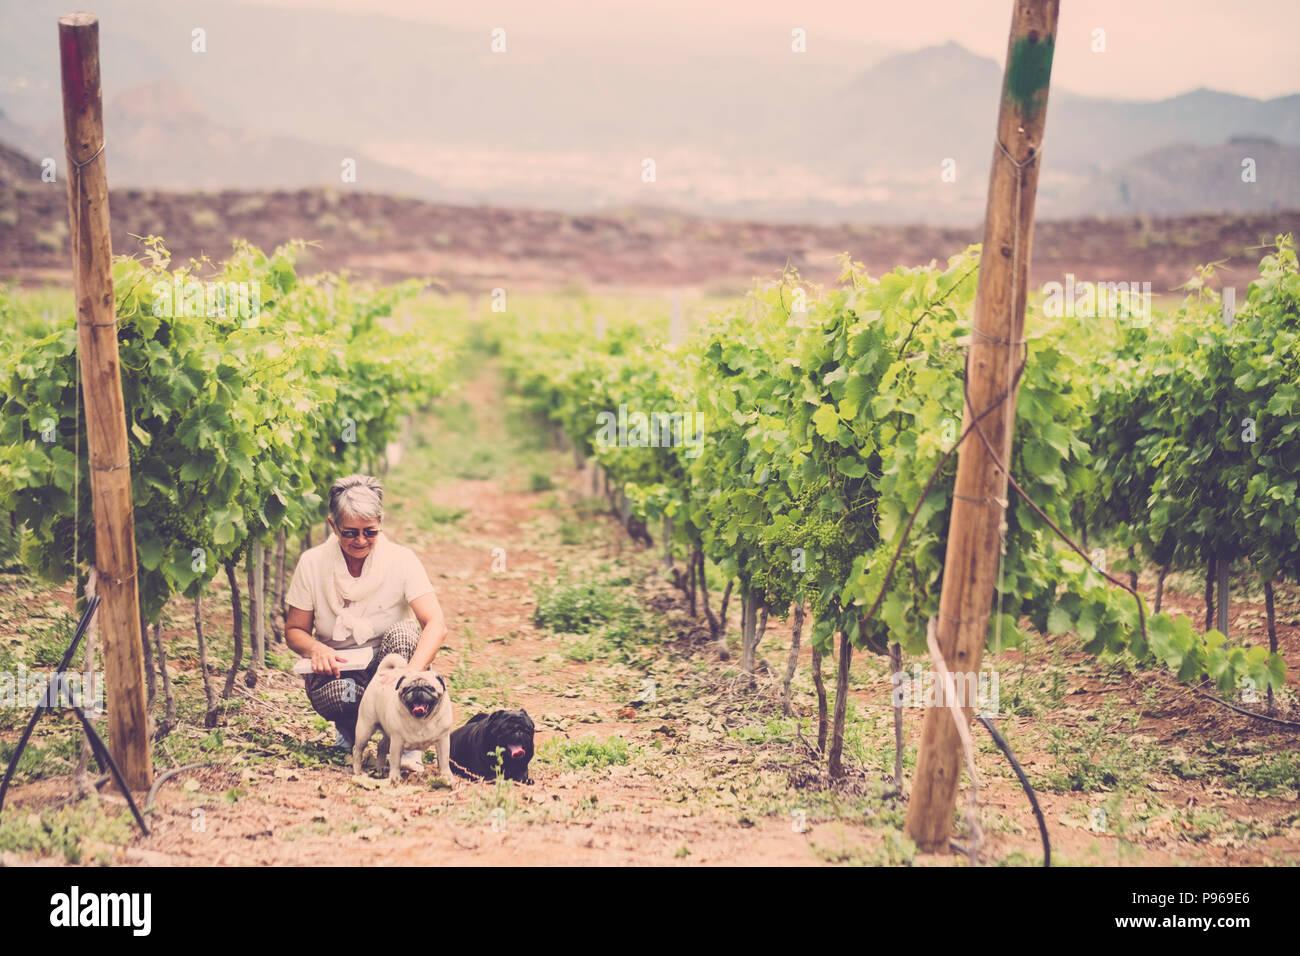 Imagen vintage con caucásicos señora sentada en el viñedo con sus dos mejores amigos perro pug. actividad de ocio al aire libre en grupo por amor a la felicidad. Imagen De Stock